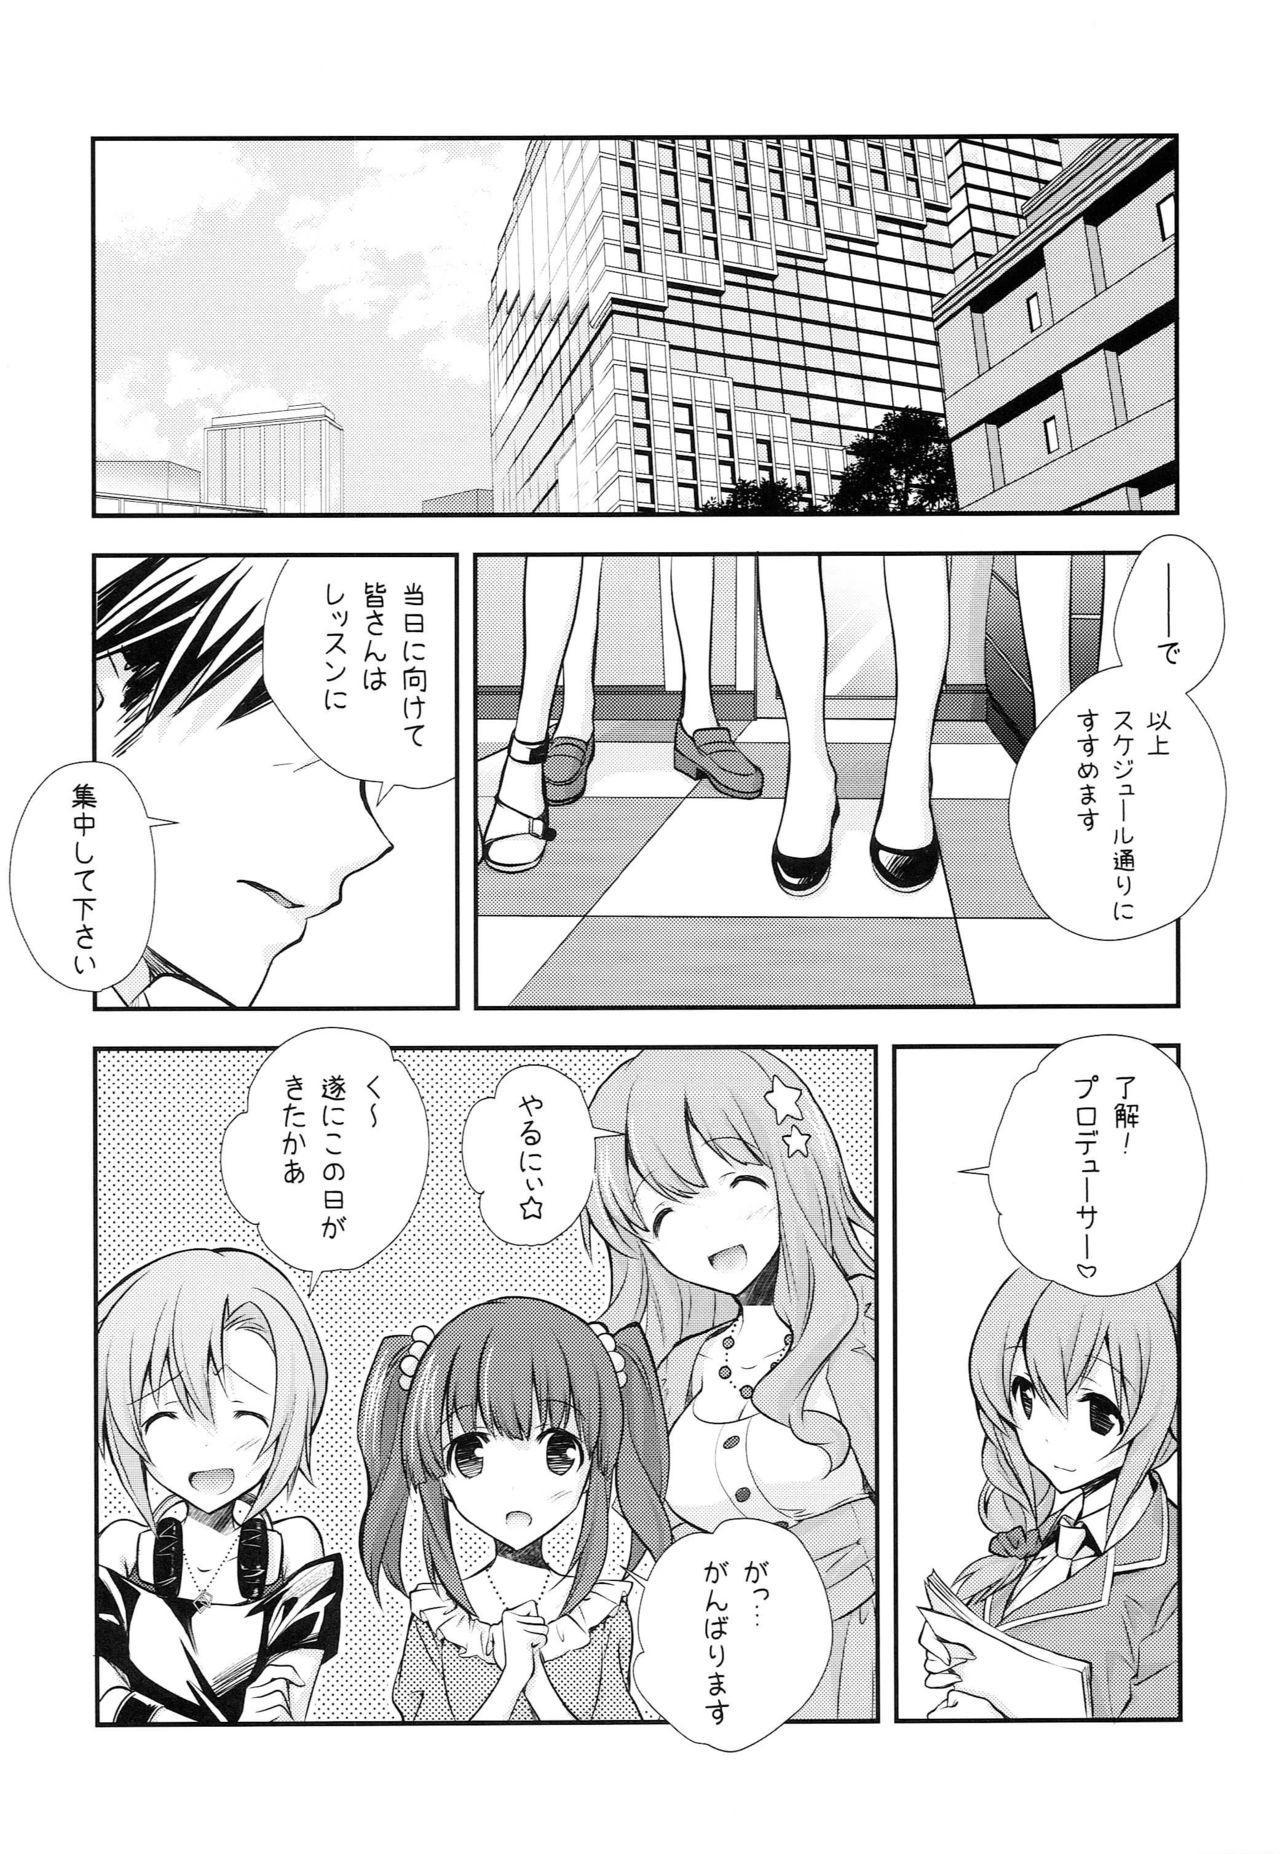 P ni 14-nin no Cinderella ga Makura o Kyouyou Suru Usui Hon 28